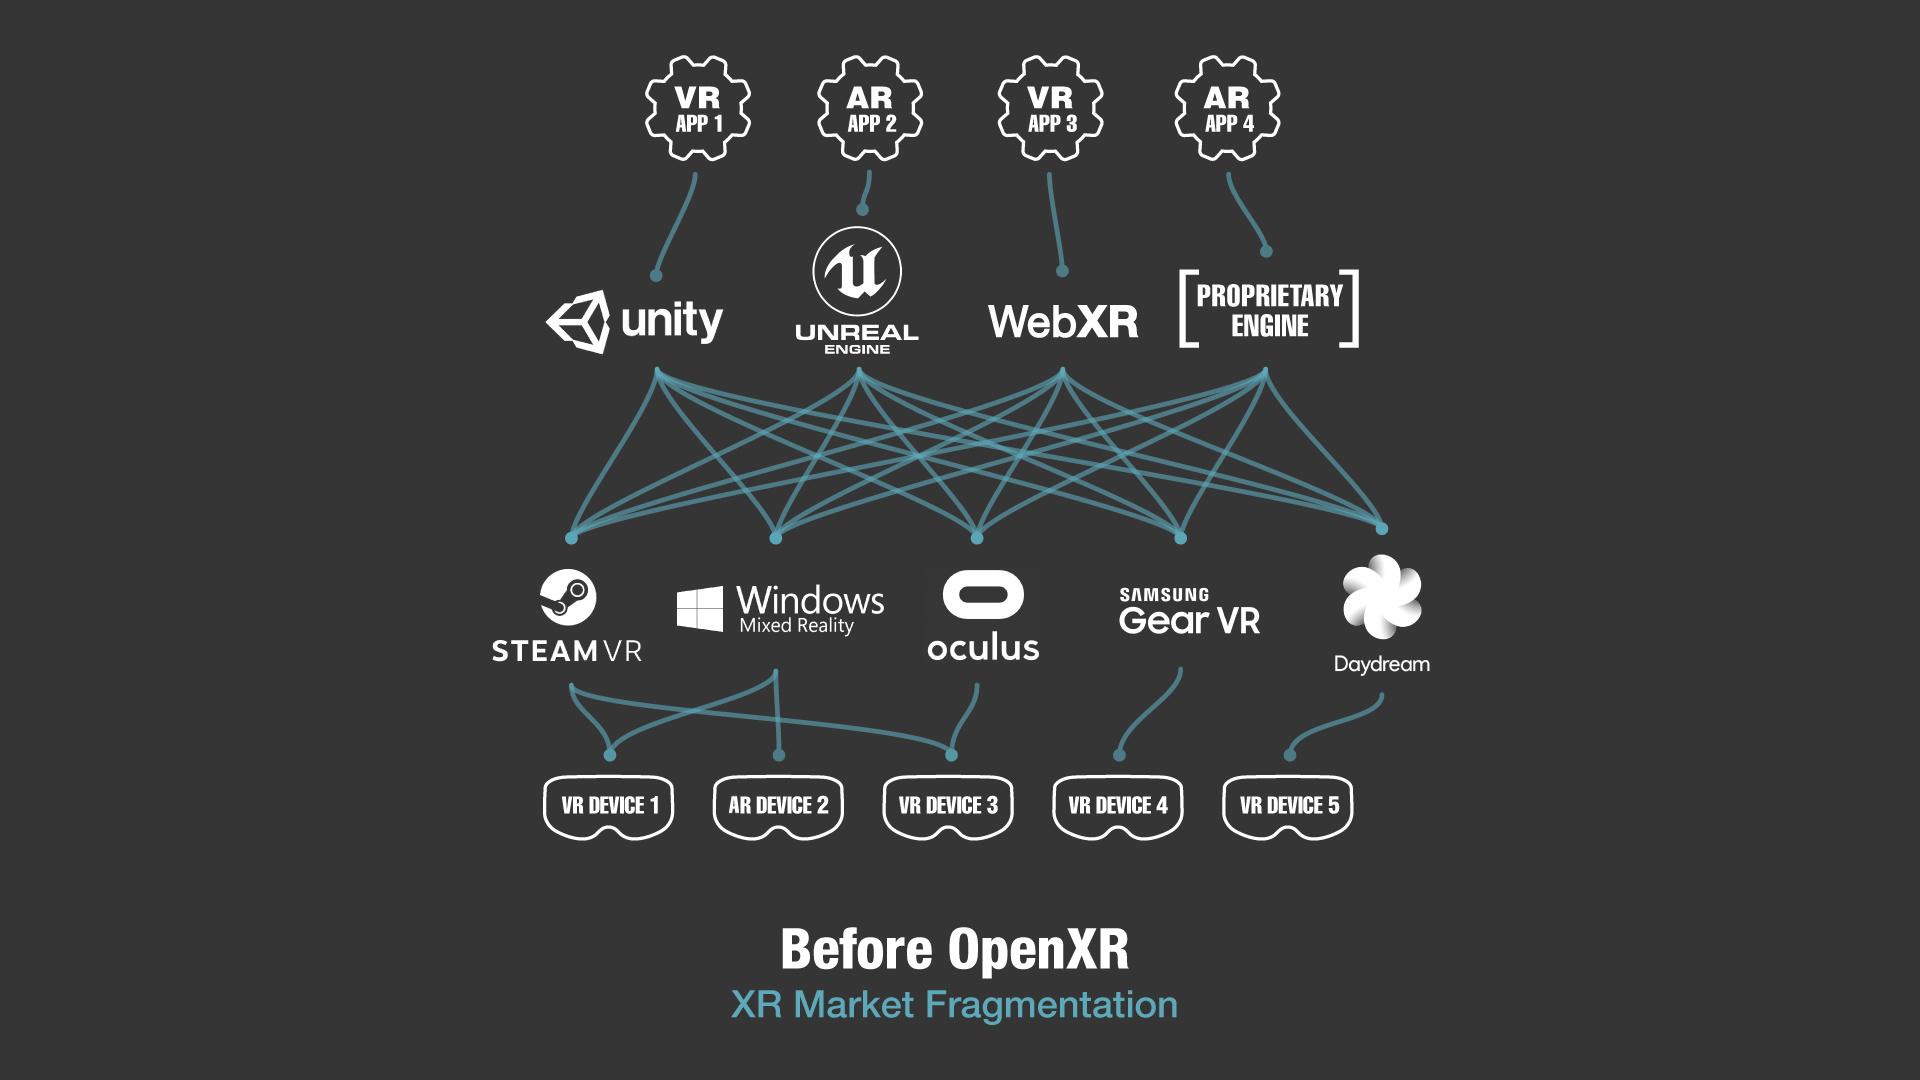 Die XR Landschaft ohne OpenXR